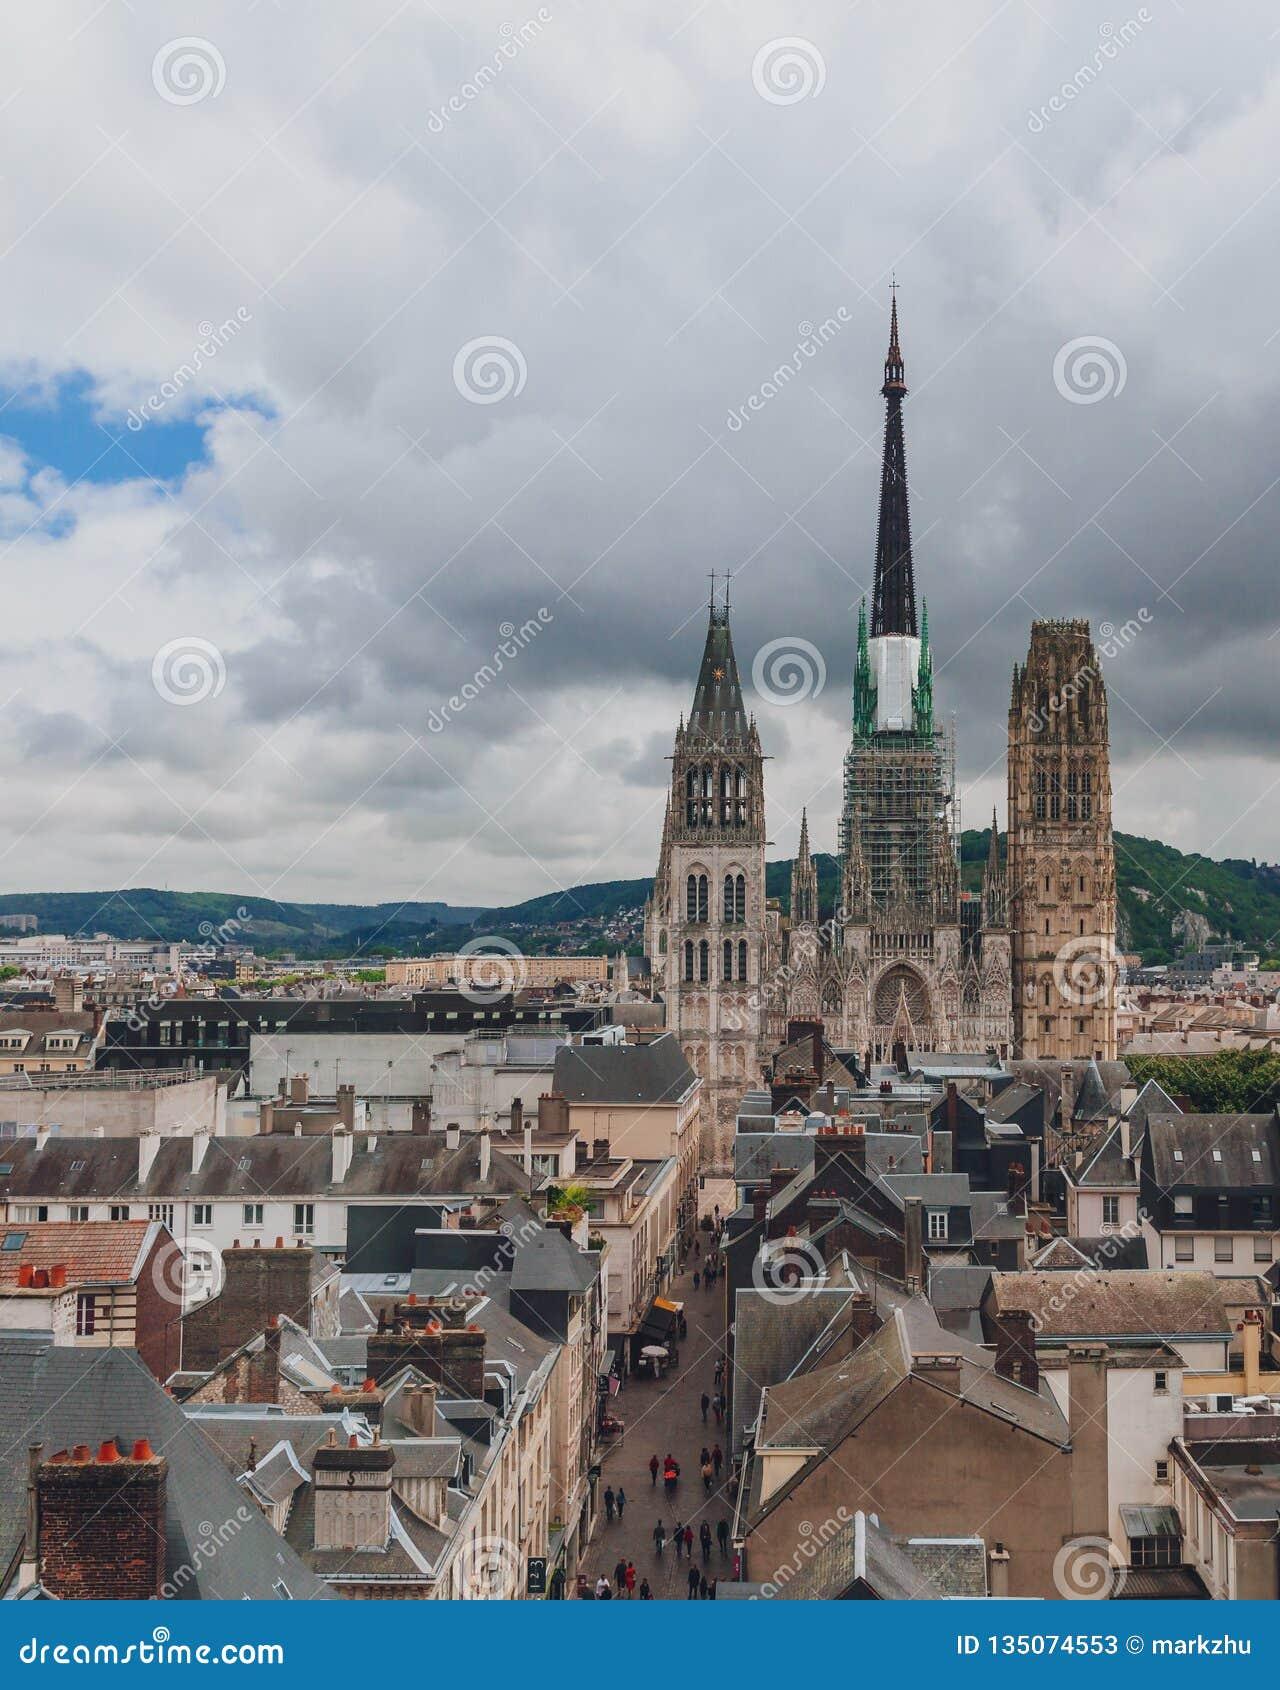 Torens en voorfaã§ade van de Kathedraal van Rouen over middeleeuwse straat en gebouwen van het stadscentrum van Rouen, Frankrijk